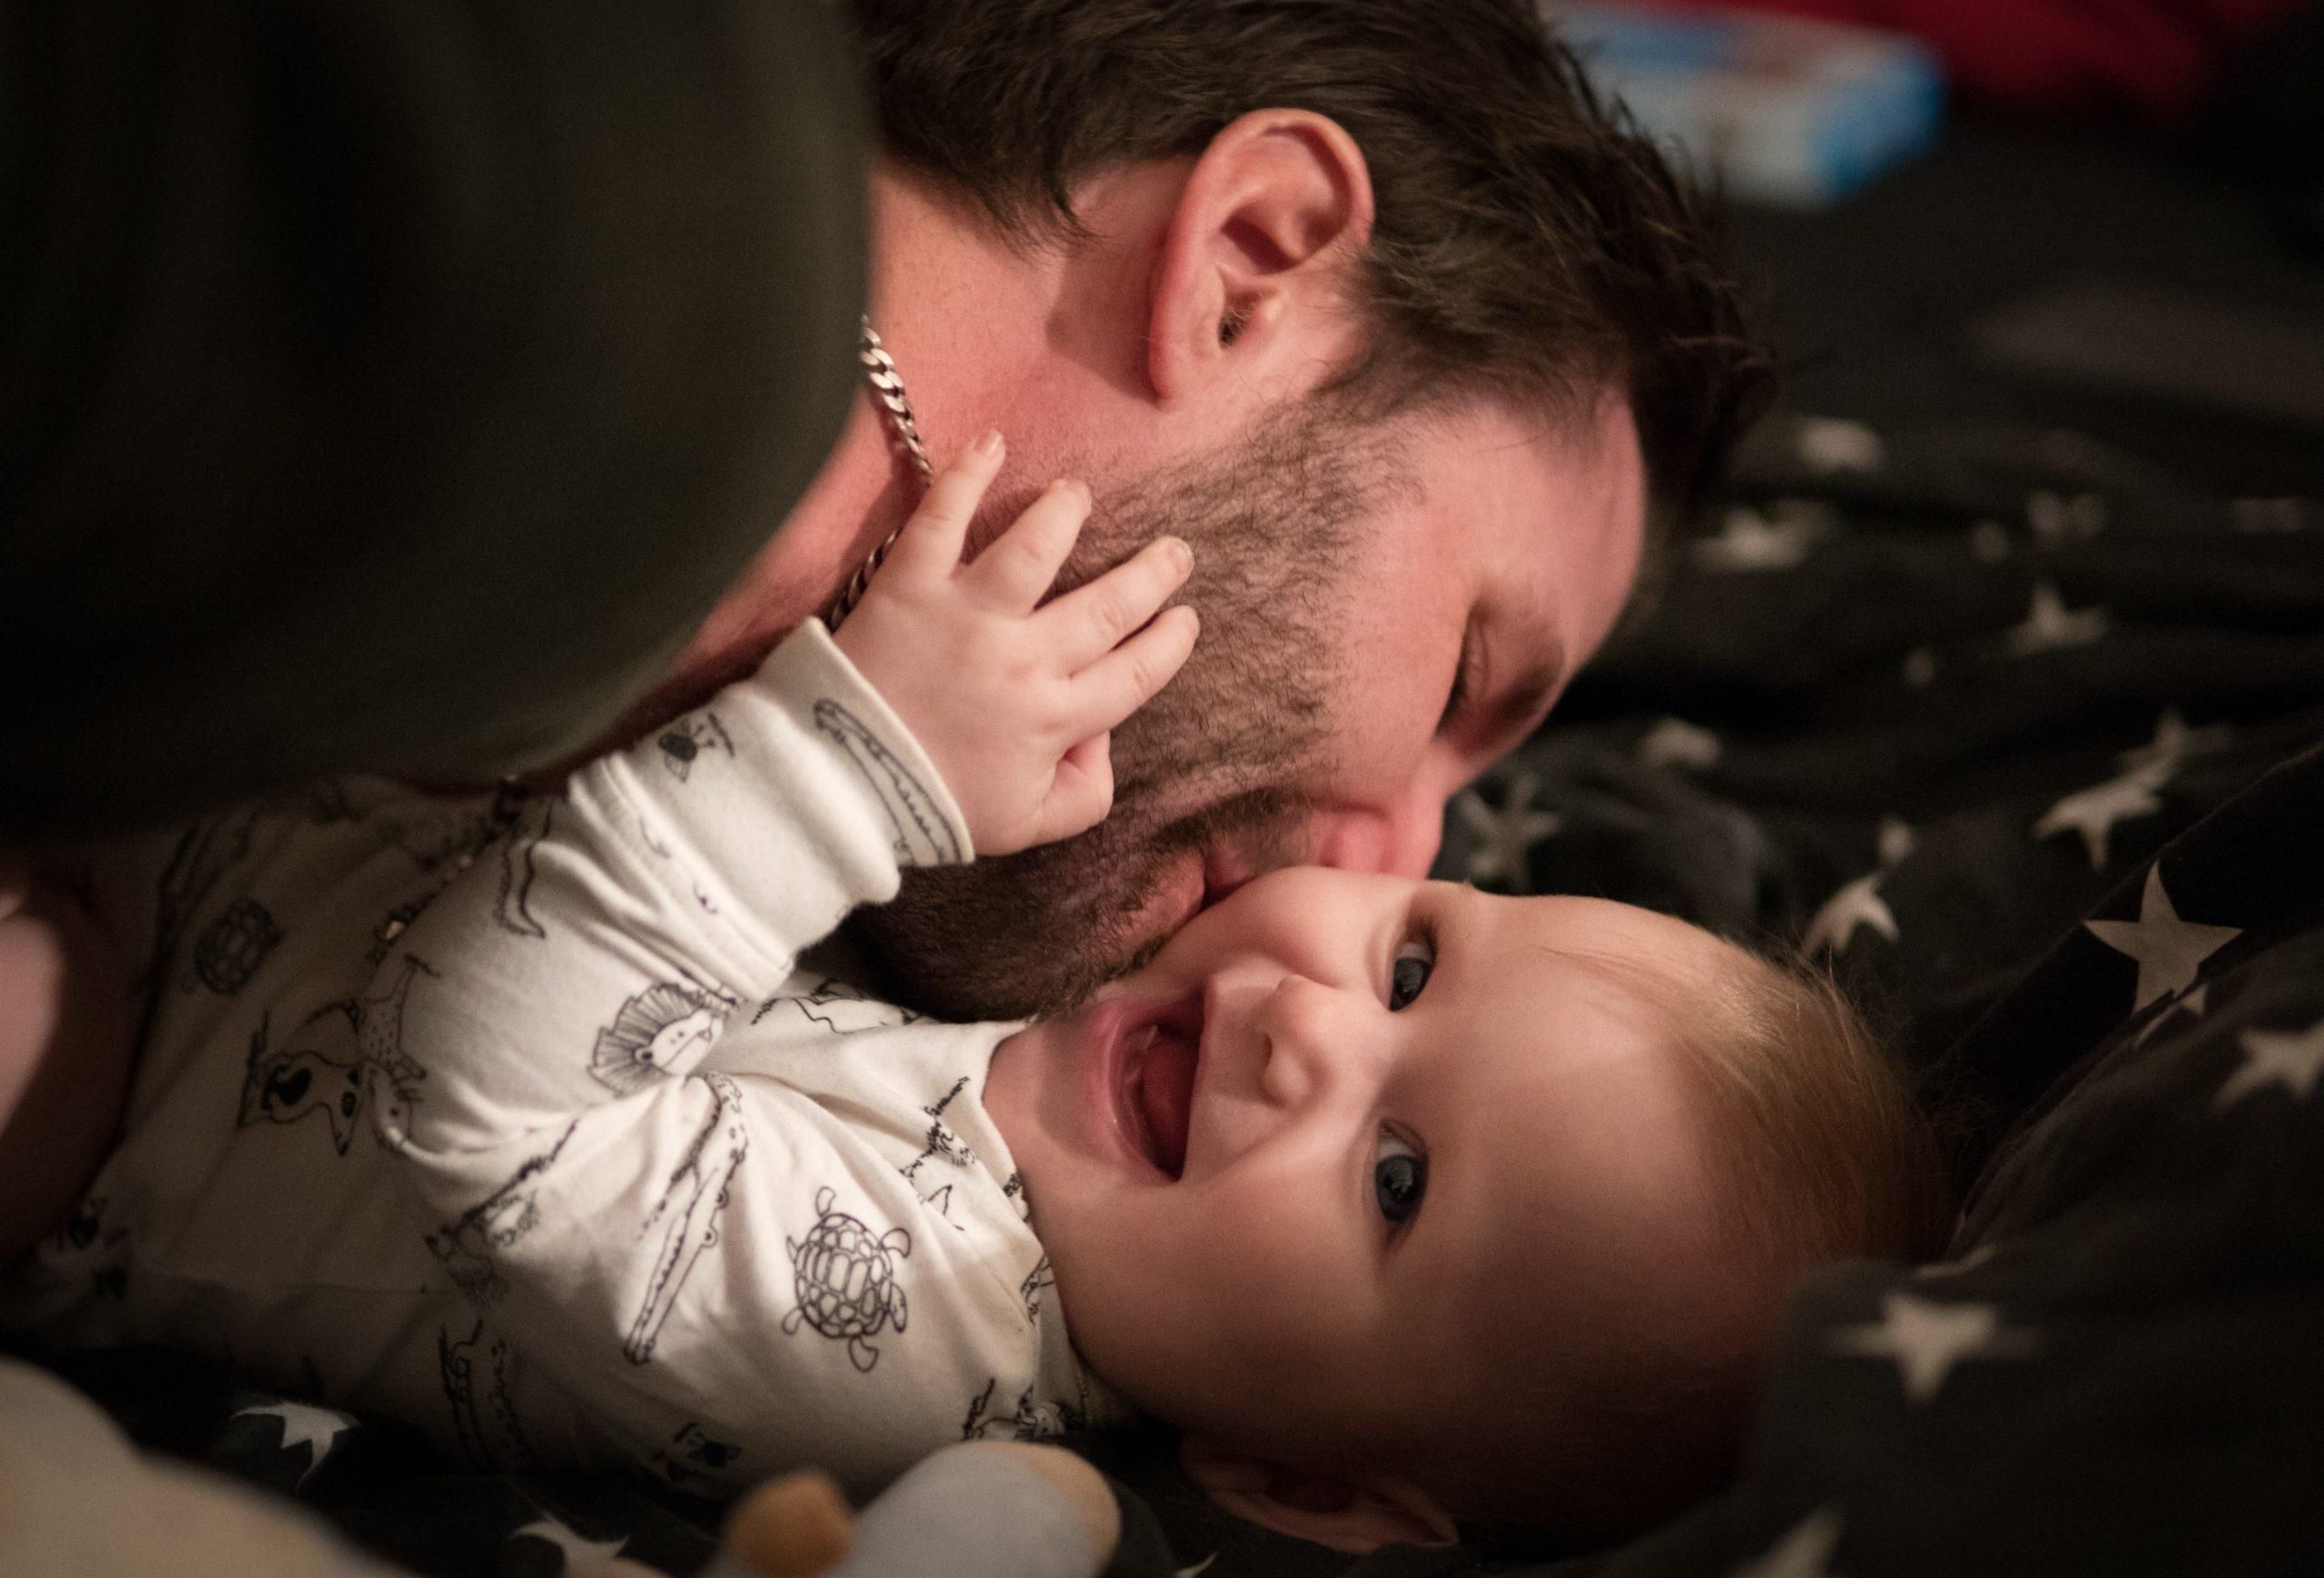 Încurajați-l și lăsați-l. Tatăl e un părinte perfect capabil și el miruna ioani